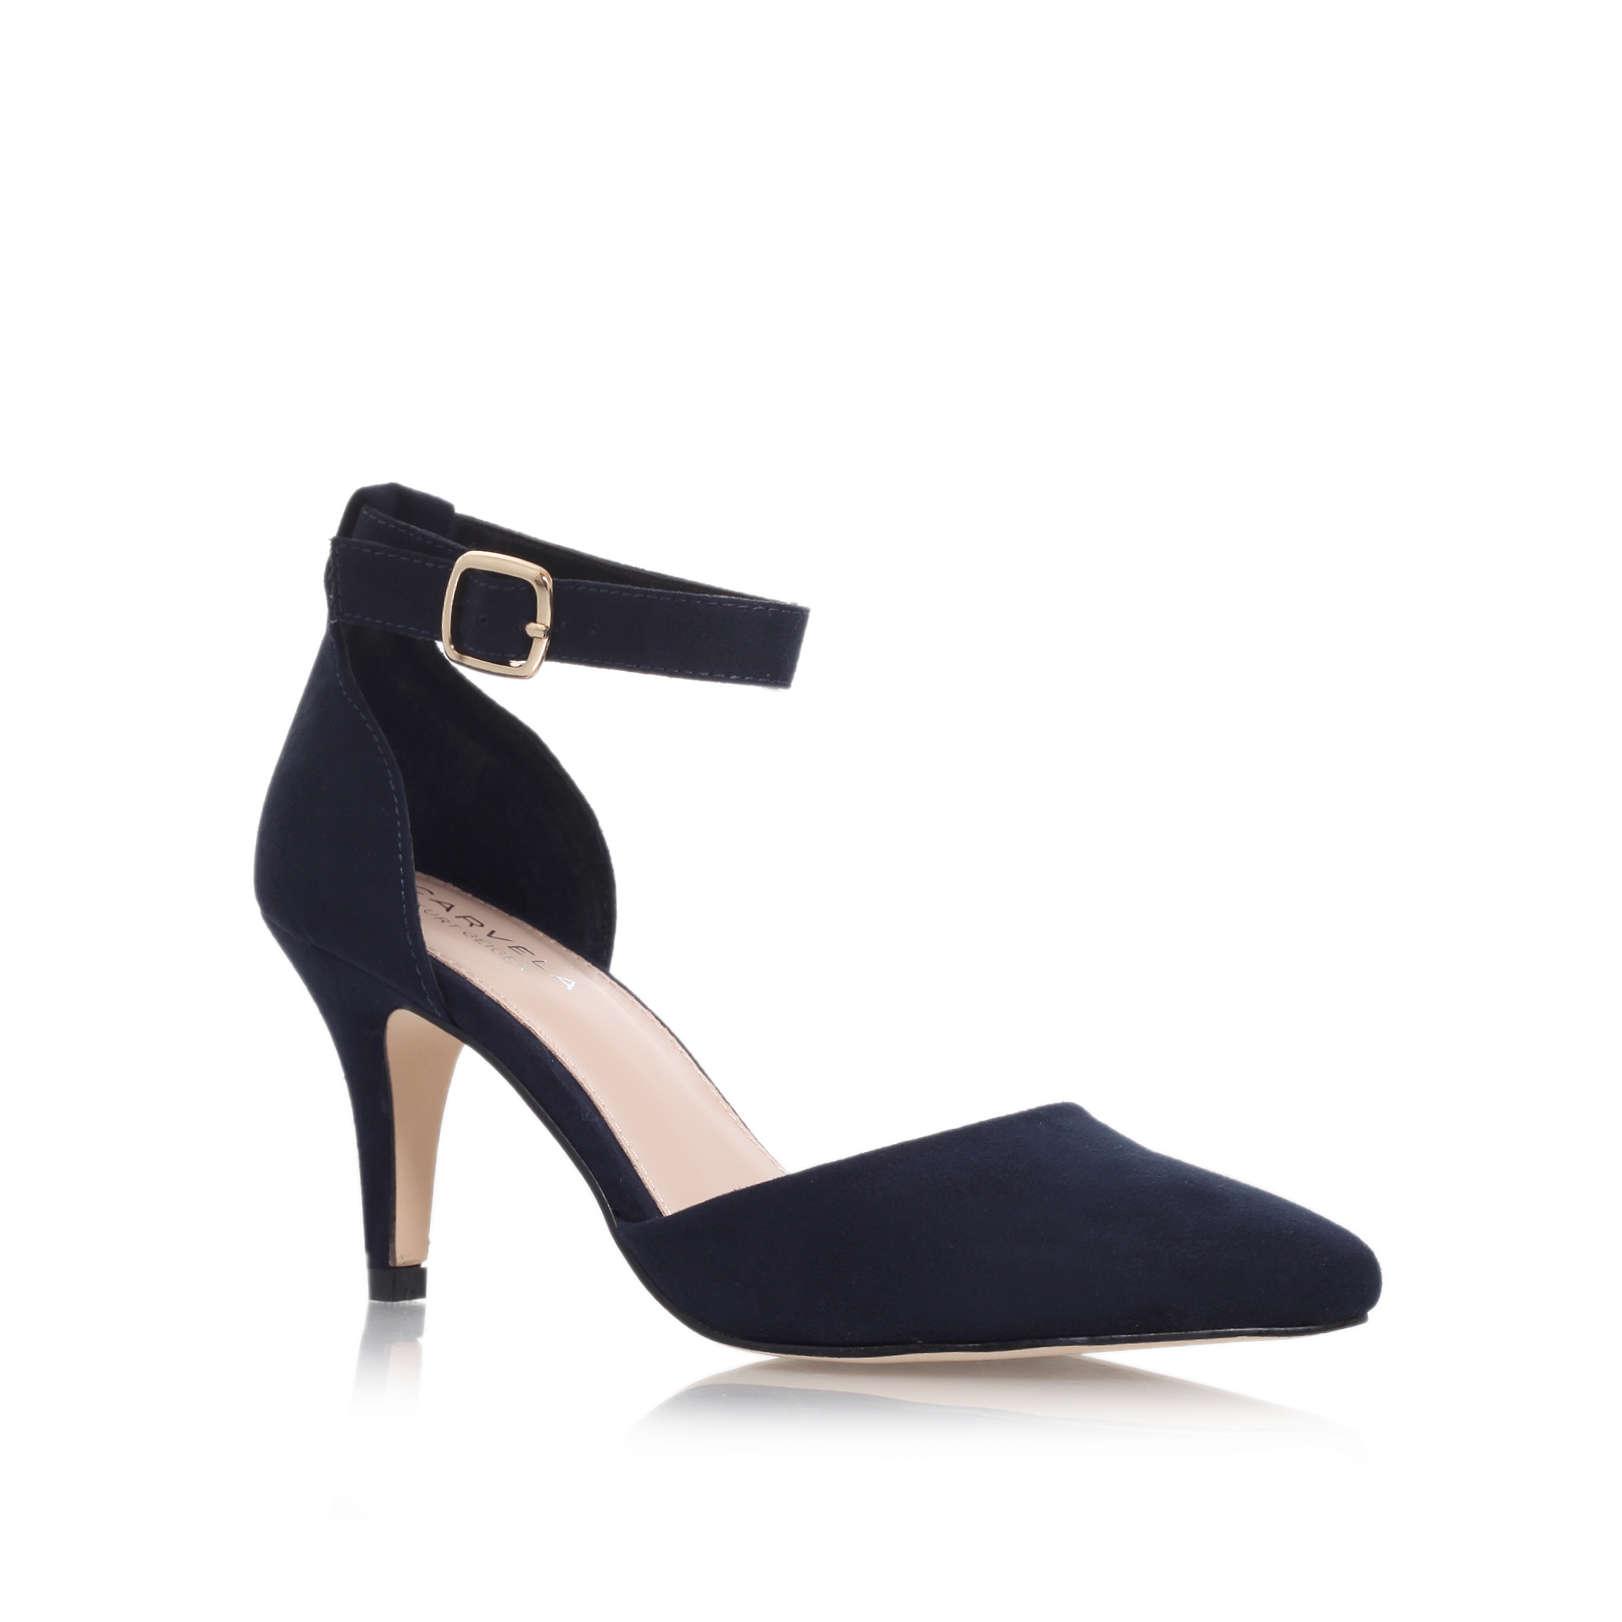 Wide Strap Sandals Low Heals Shoes